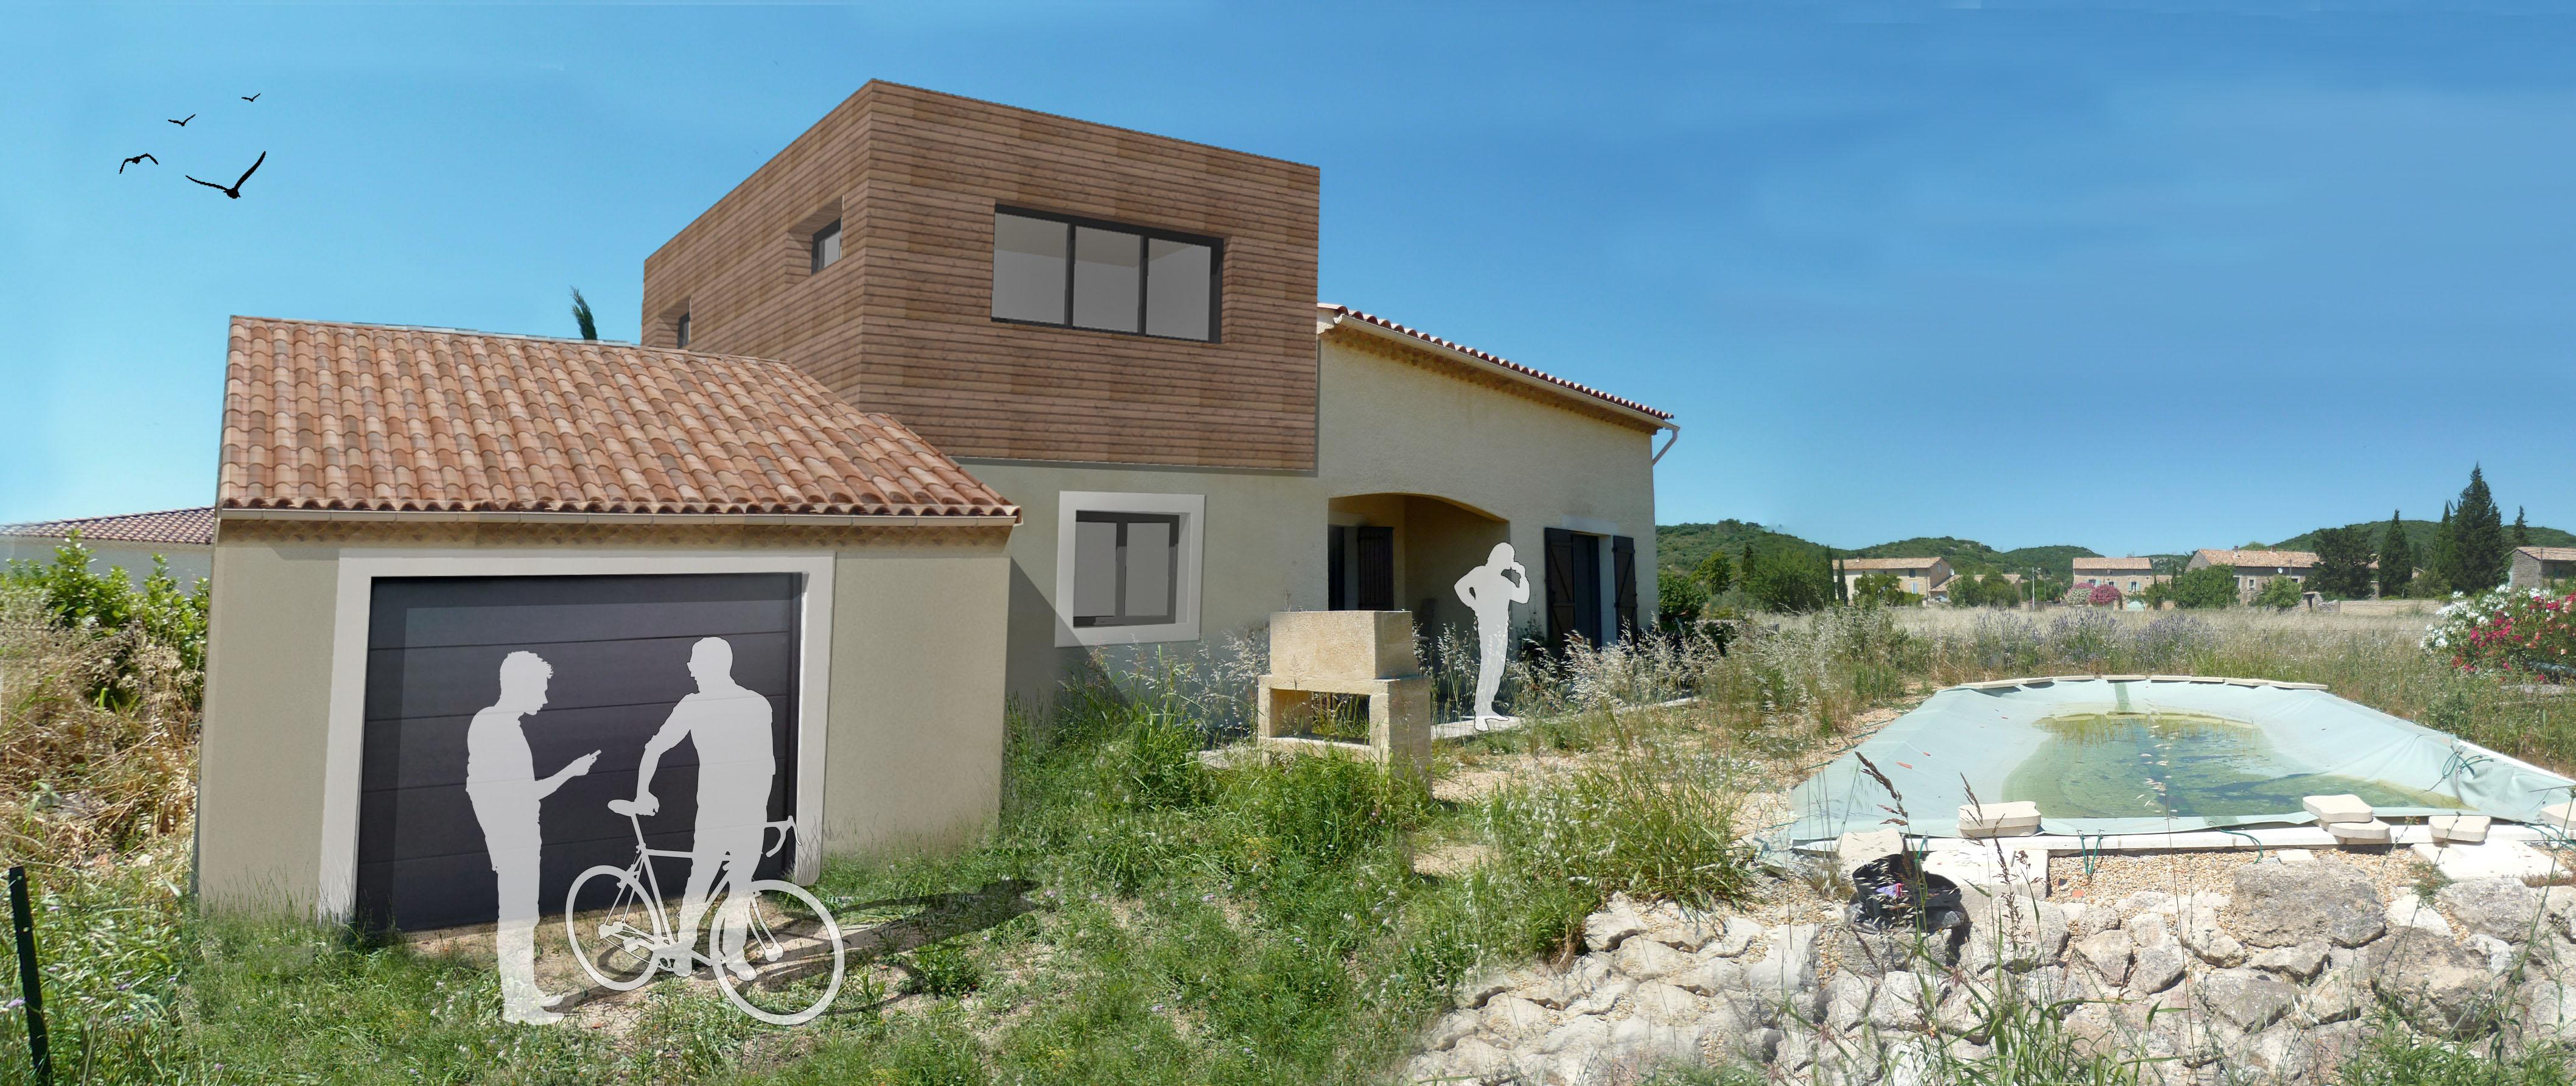 Maison D : rénovation après sinistre par l'agence Brayer-Hugon à Nîmes